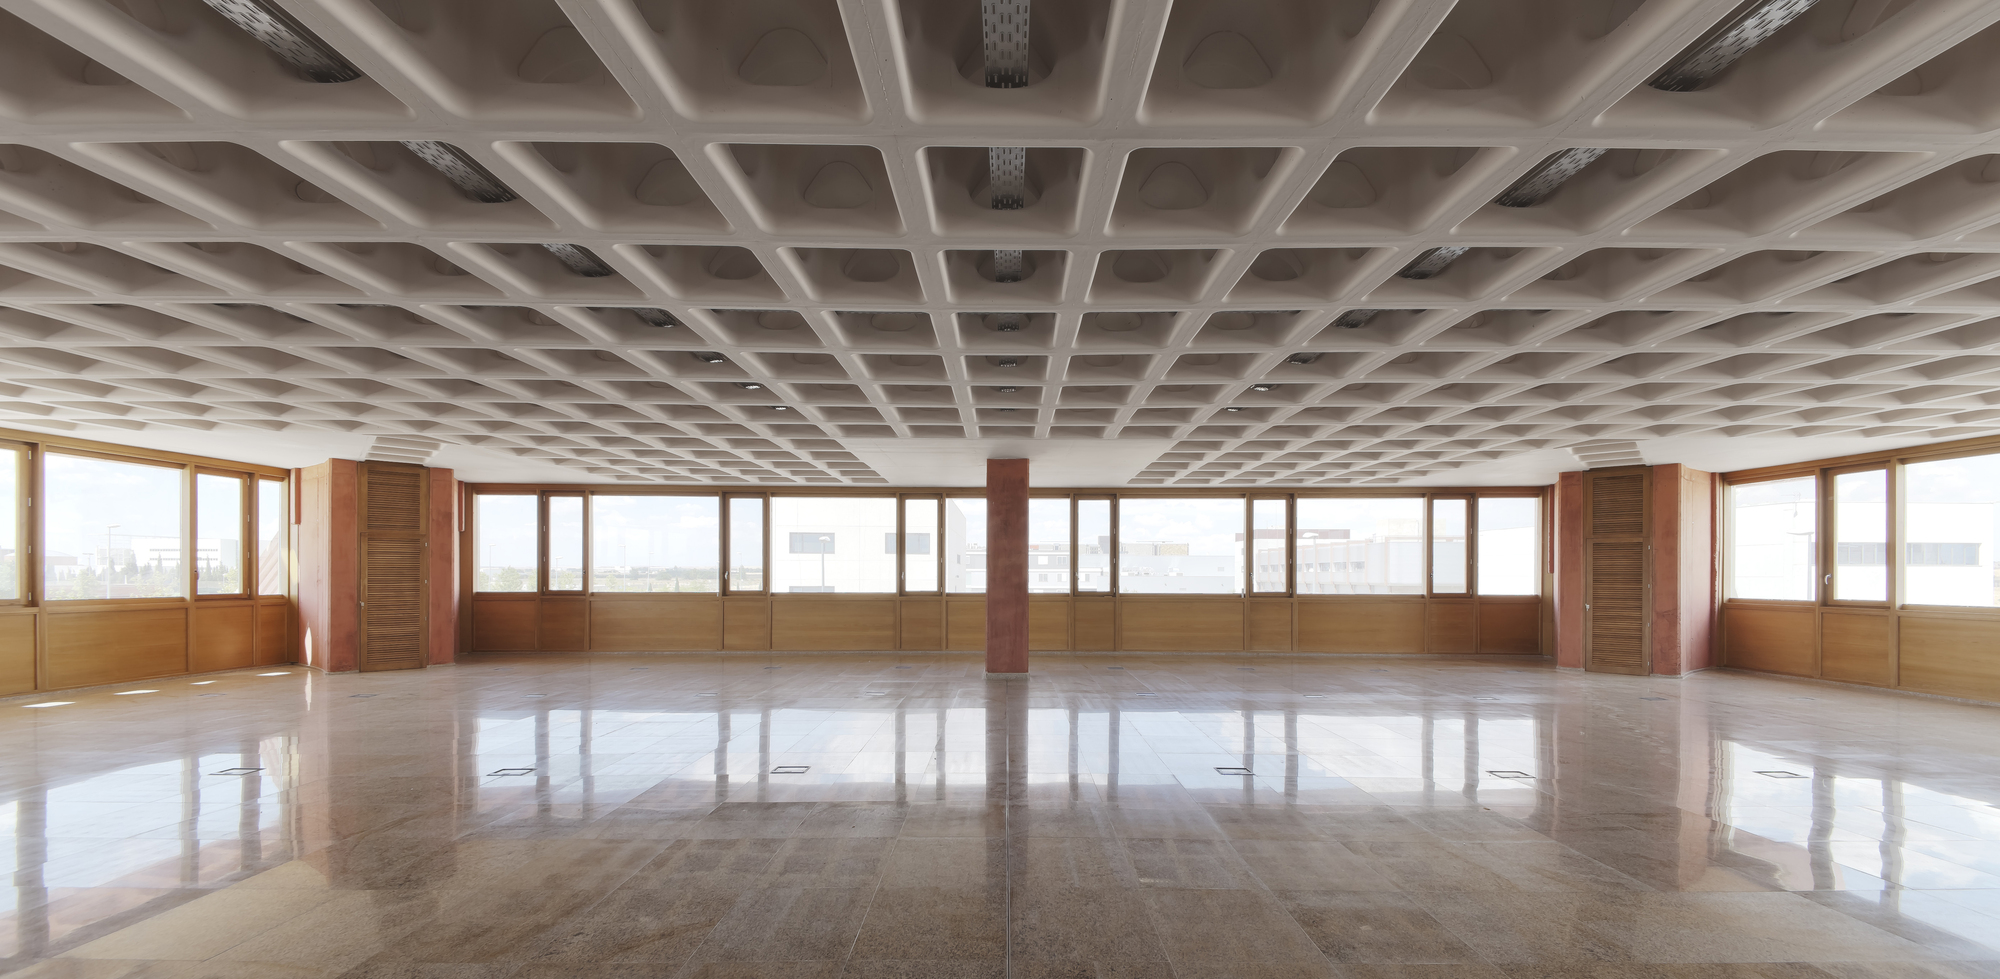 Este innovador sistema de losa usa 55% menos de concreto que uno tradicional